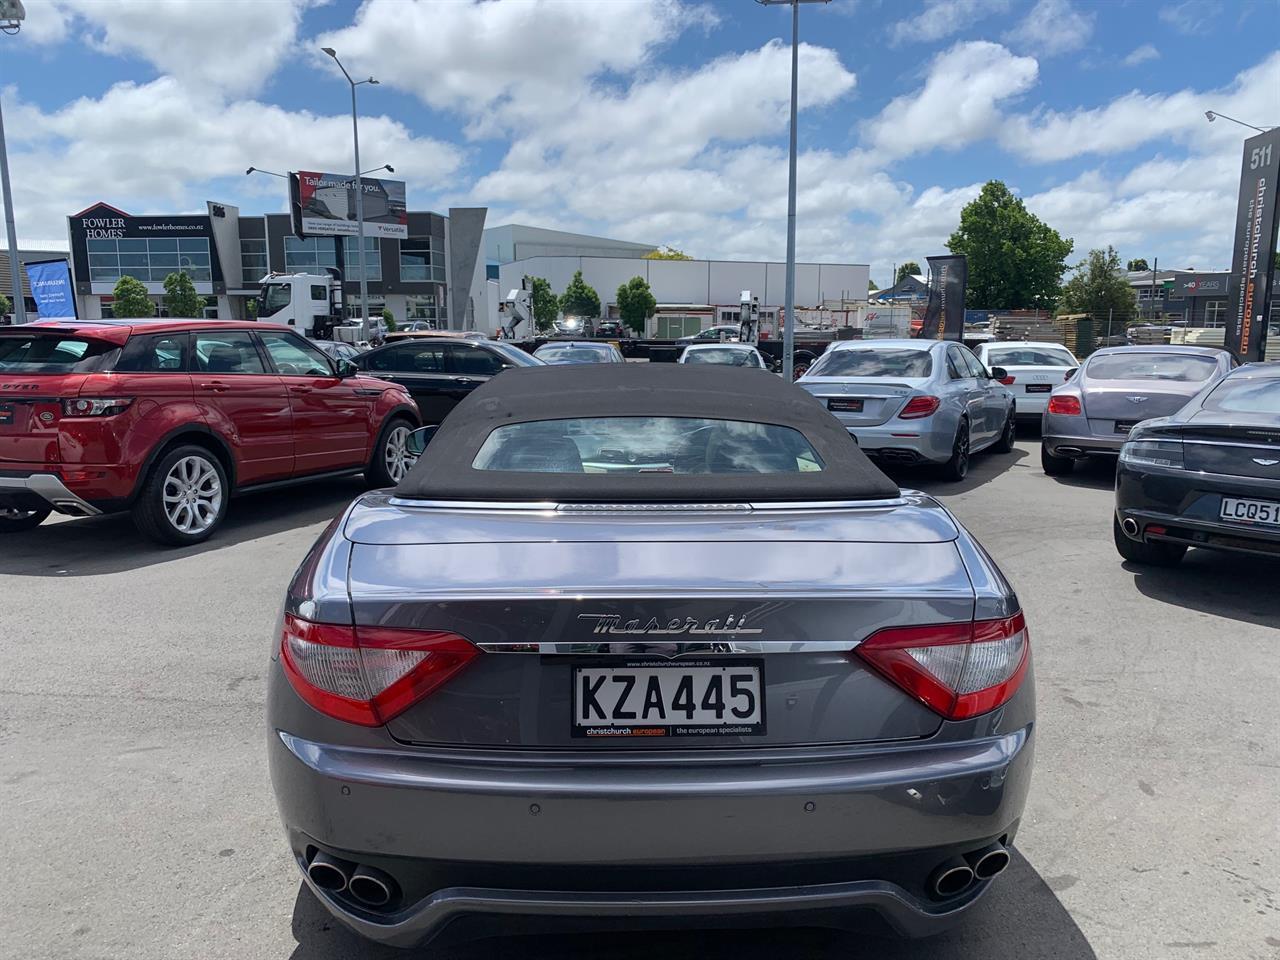 image-12, 2012 Maserati GranCabrio 4.7 V8 Roadster at Christchurch